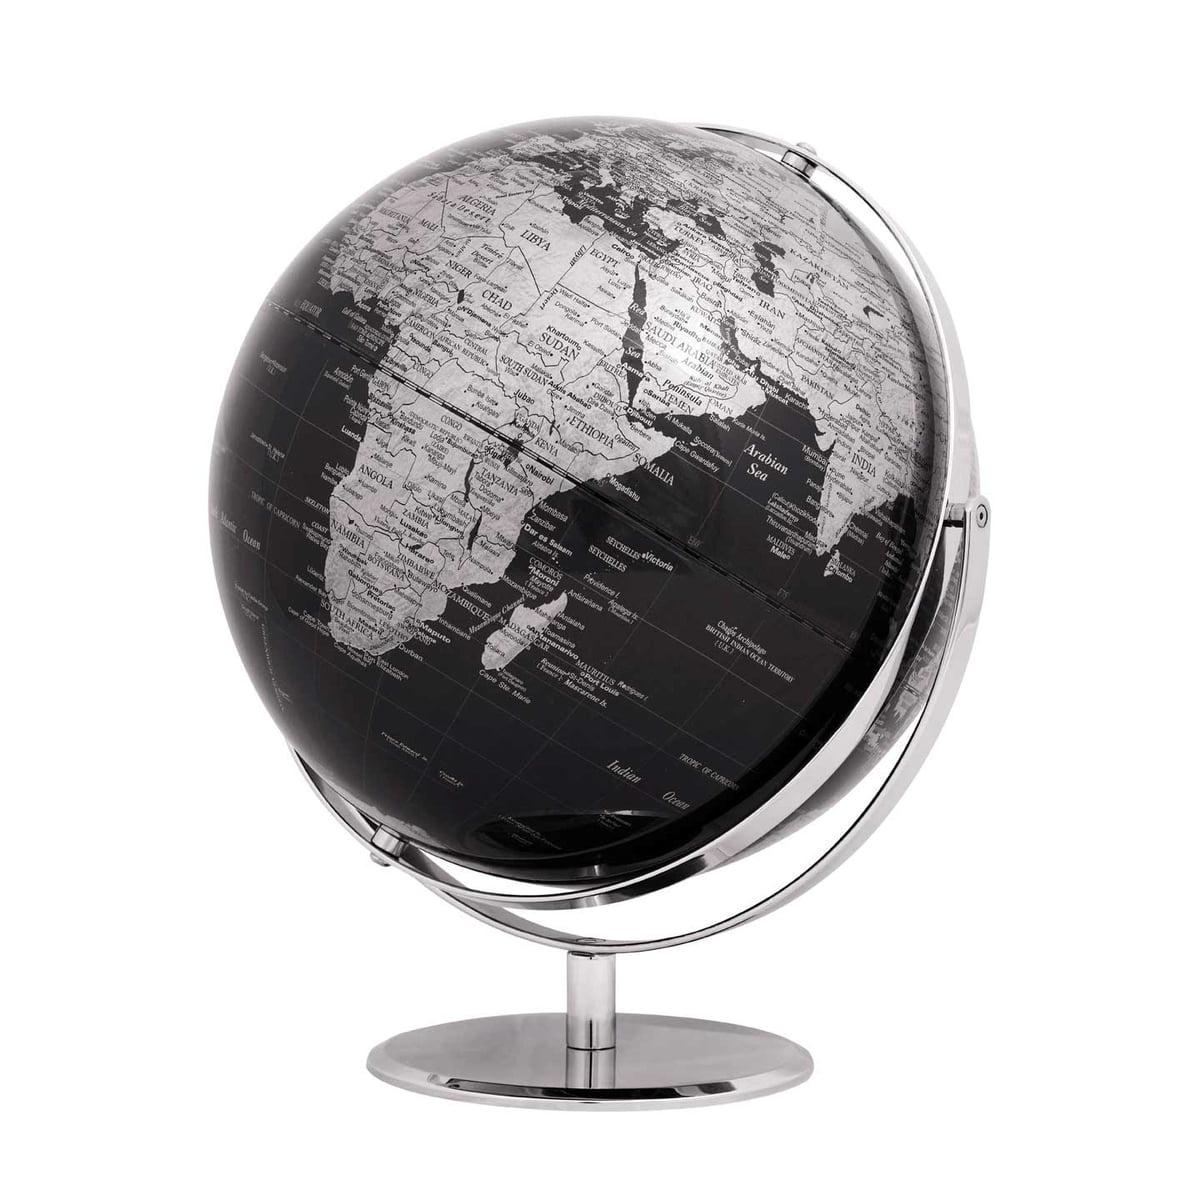 Fantastisk Juri globus fra emform i vores interiørshop LF48